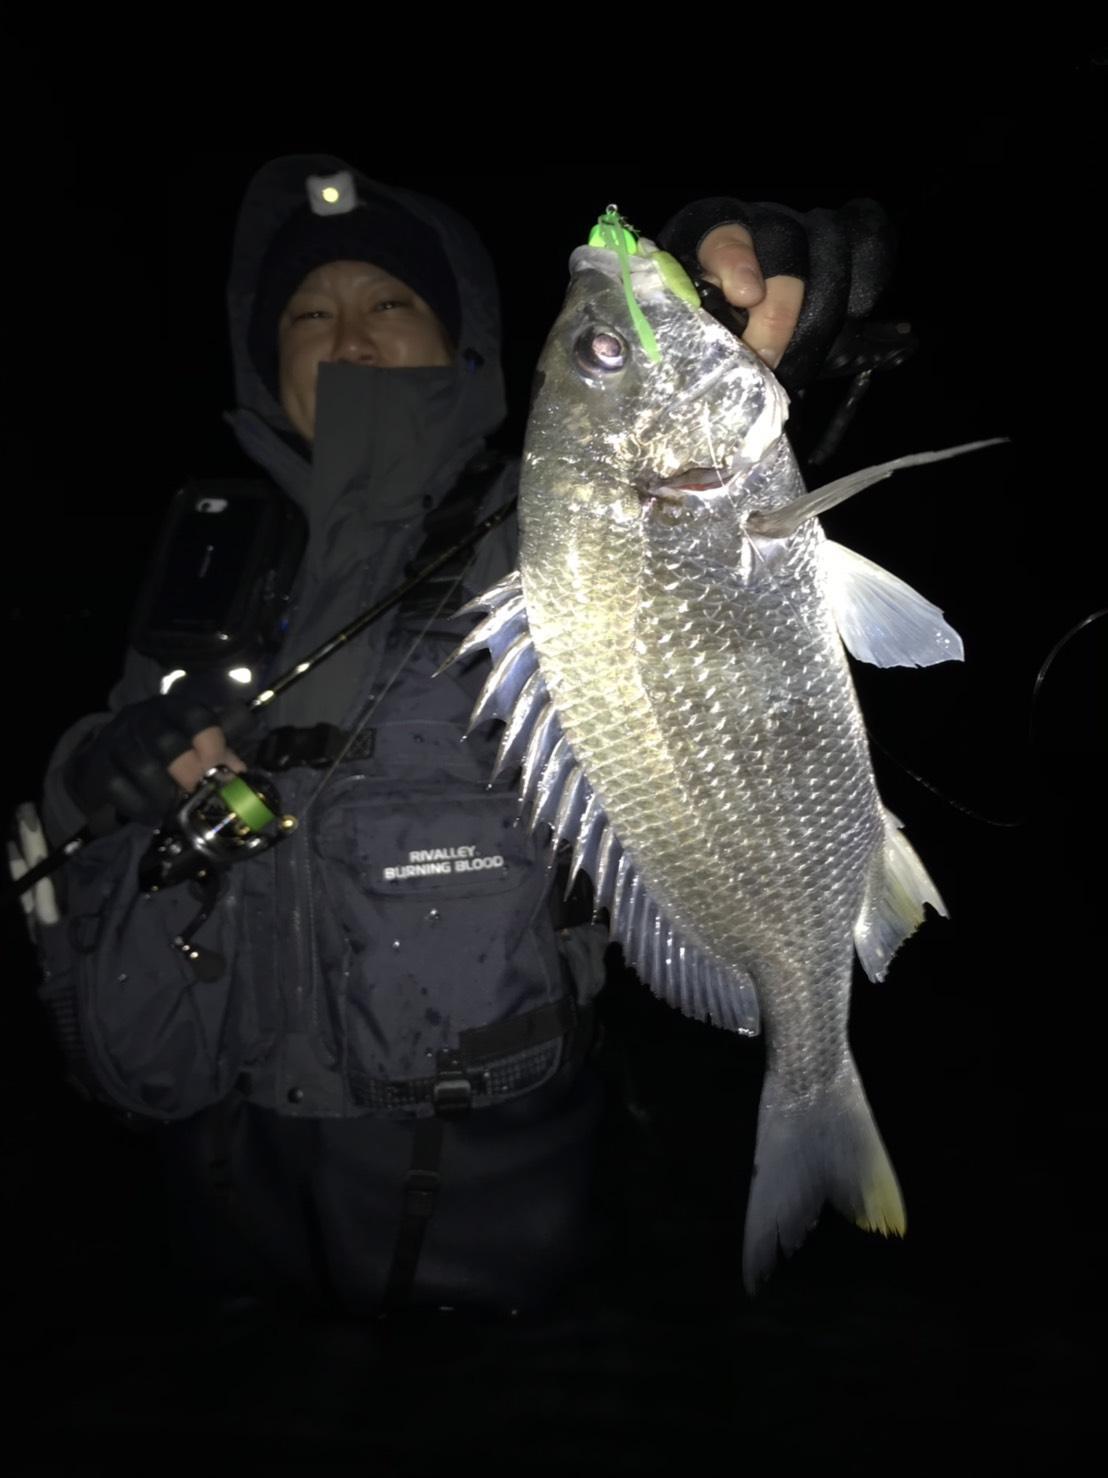 冬のチヌボトムゲームは水温の安定しやすい少し深いブレイクの淵などで魚が固まっているので意外と釣りやすいですよ♪